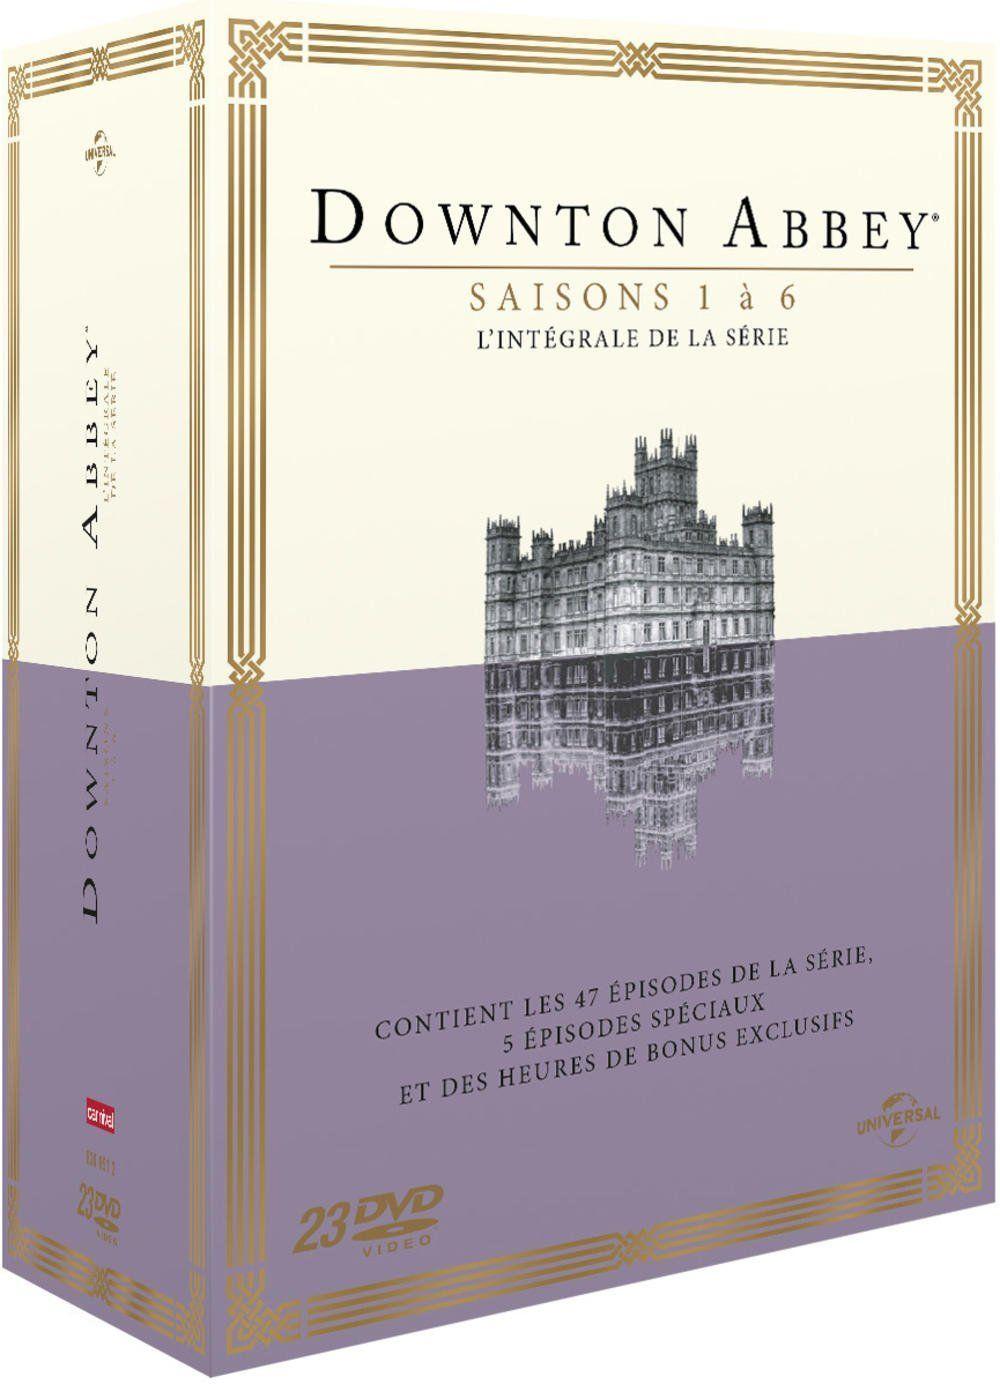 Downton Abbey Saisons 1 A 6 L Integrale De La Serie Dvd Blu